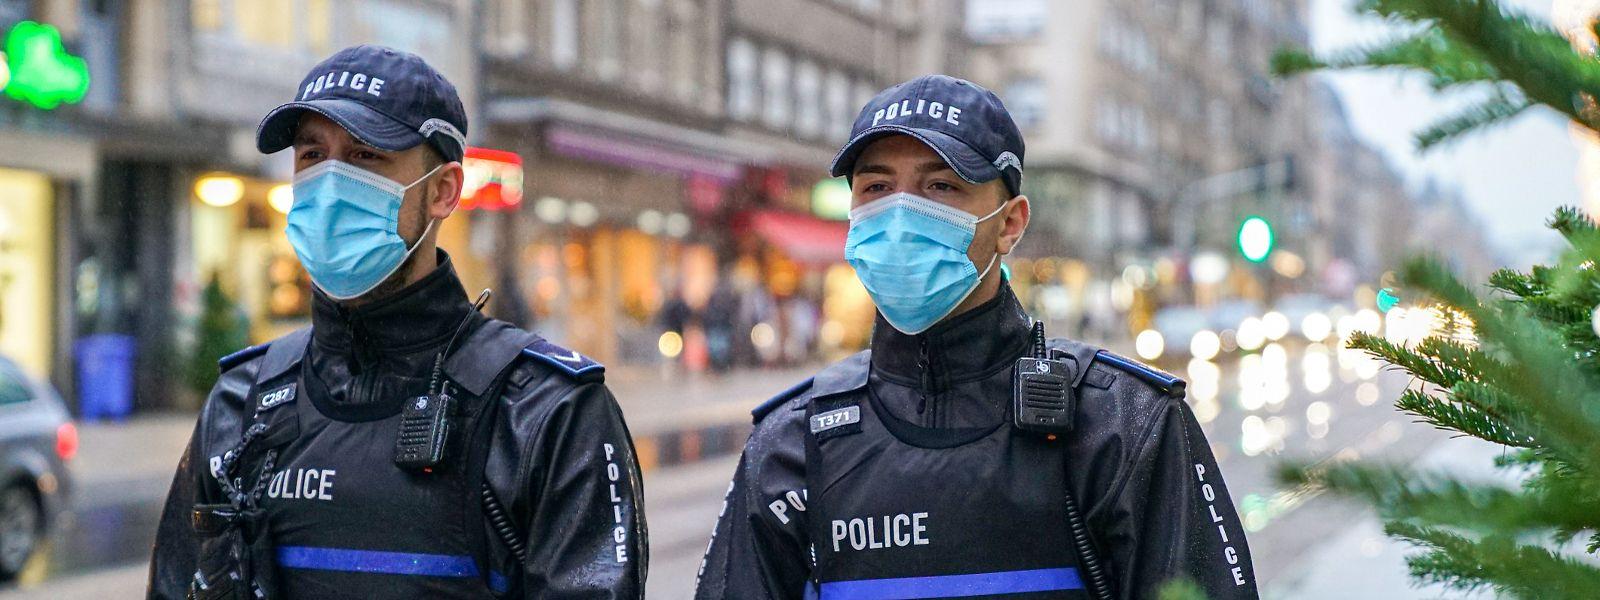 Polizisten könnte bald die Möglichkeit zustehen, einzelne Personen von einem Ort zu verweisen.